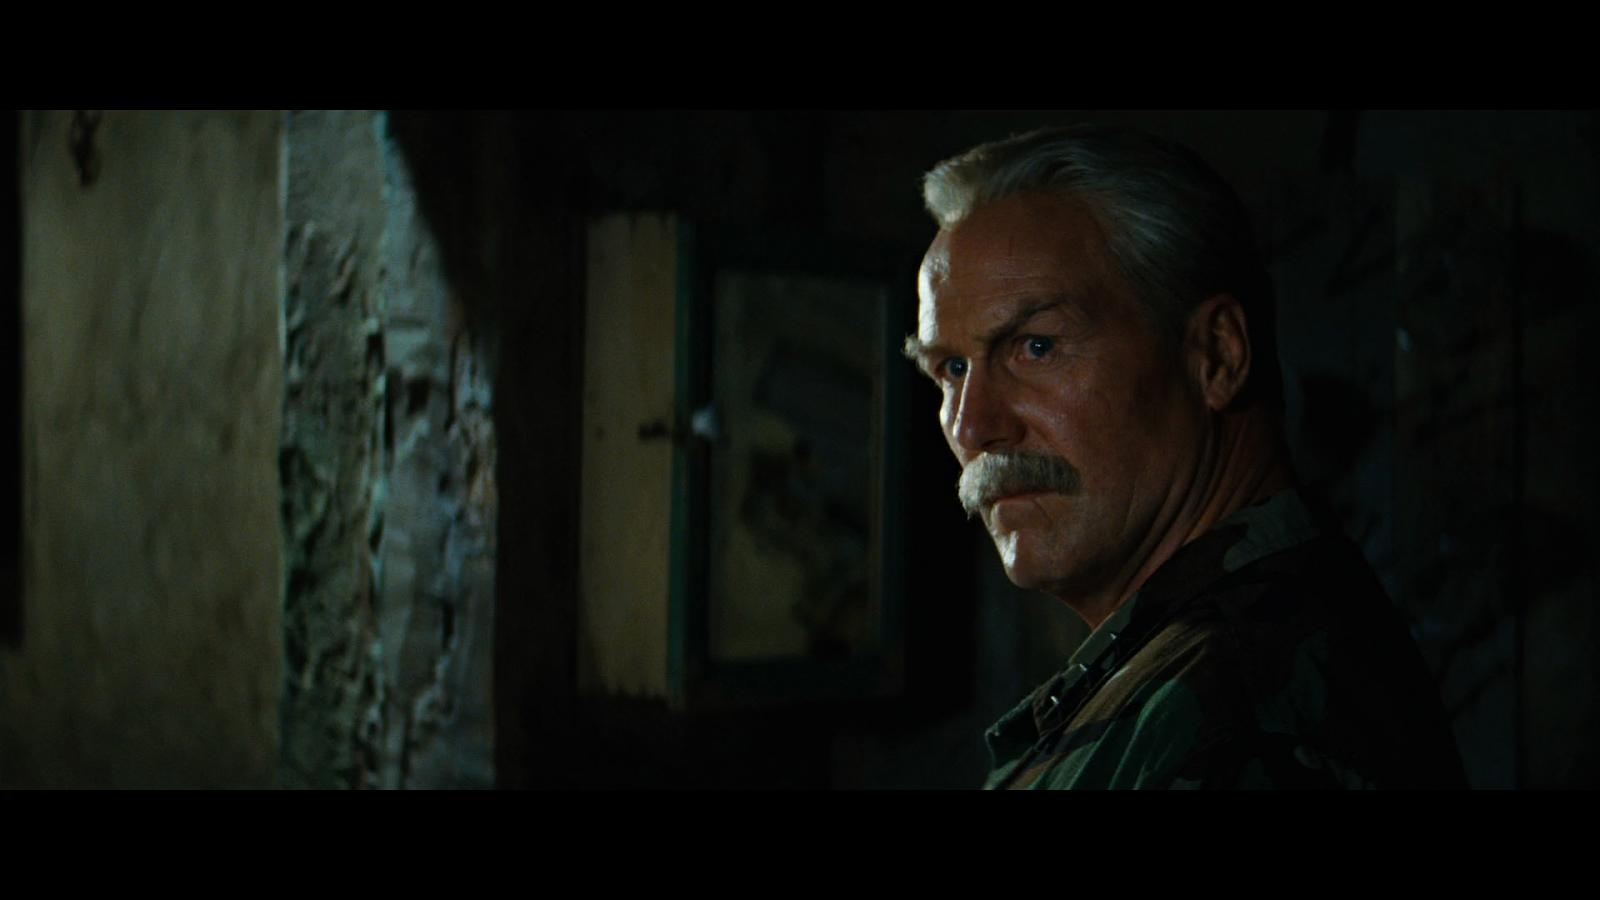 Hulk: El hombre increíble (2008) BRRip Full HD 1080p Latino-Ingles captura 1